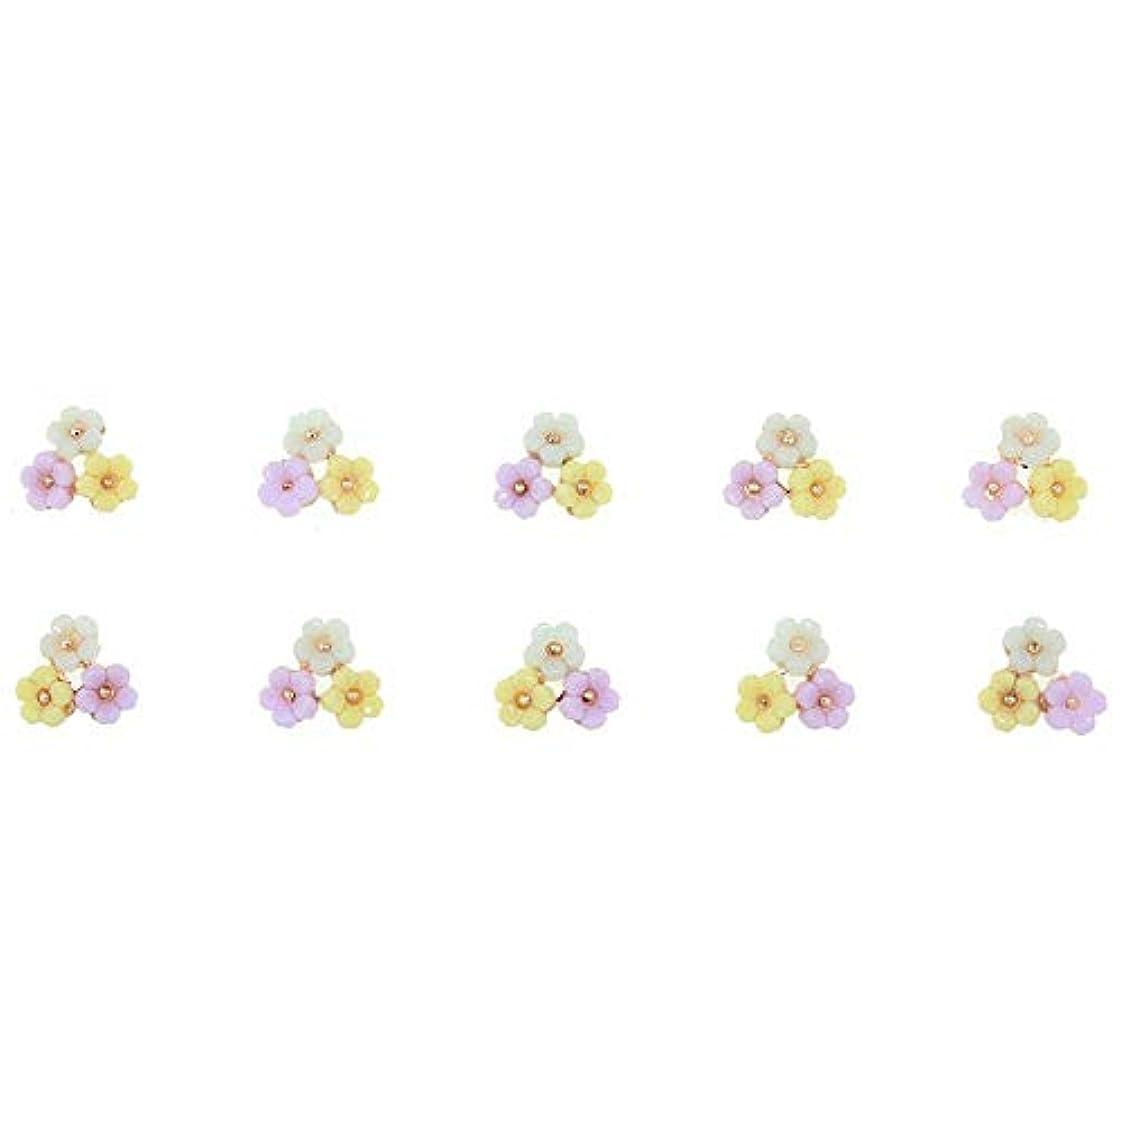 金貸し穏やかなスプーン3D合金ネイルアート10個/ロット3花カラフルマニキュアアクセサリー用グリッターストラス装飾用チャームネイル